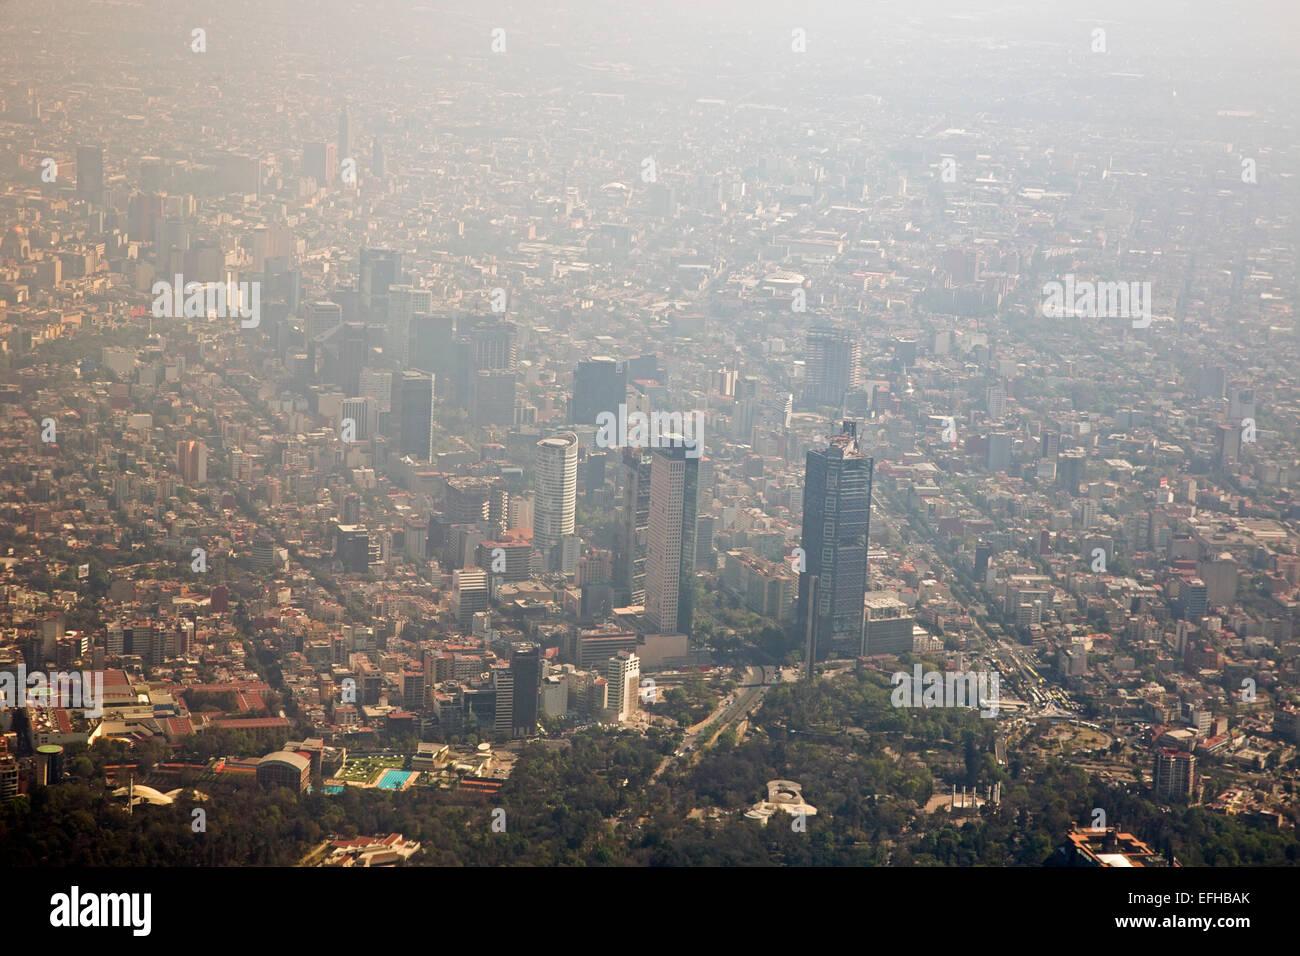 Ciudad de México, México - la contaminación atmosférica reduce la visibilidad en la Ciudad de Imagen De Stock